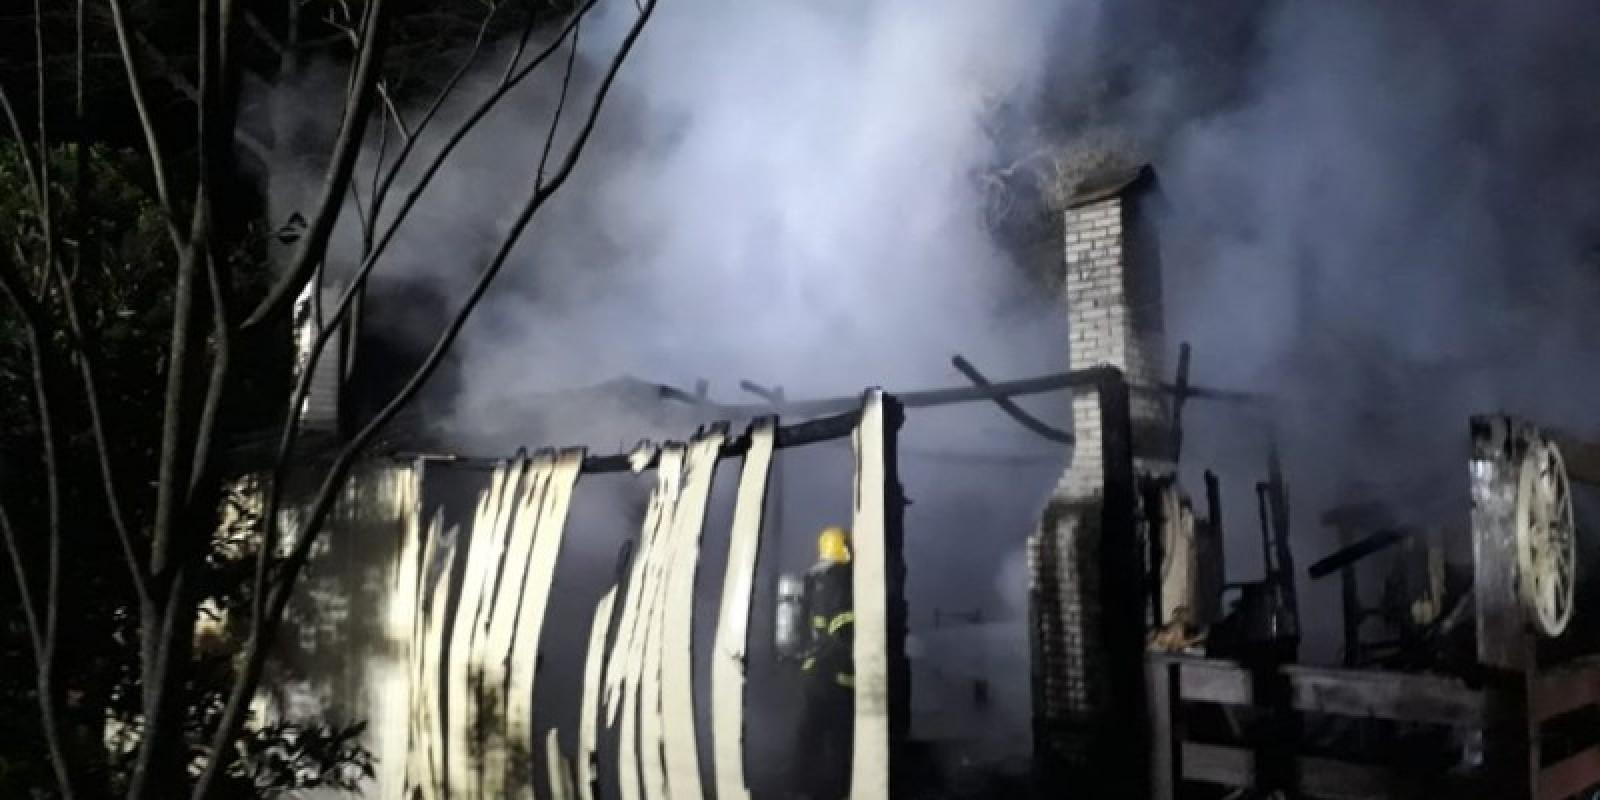 Incêndio atinge residência em Araranguá